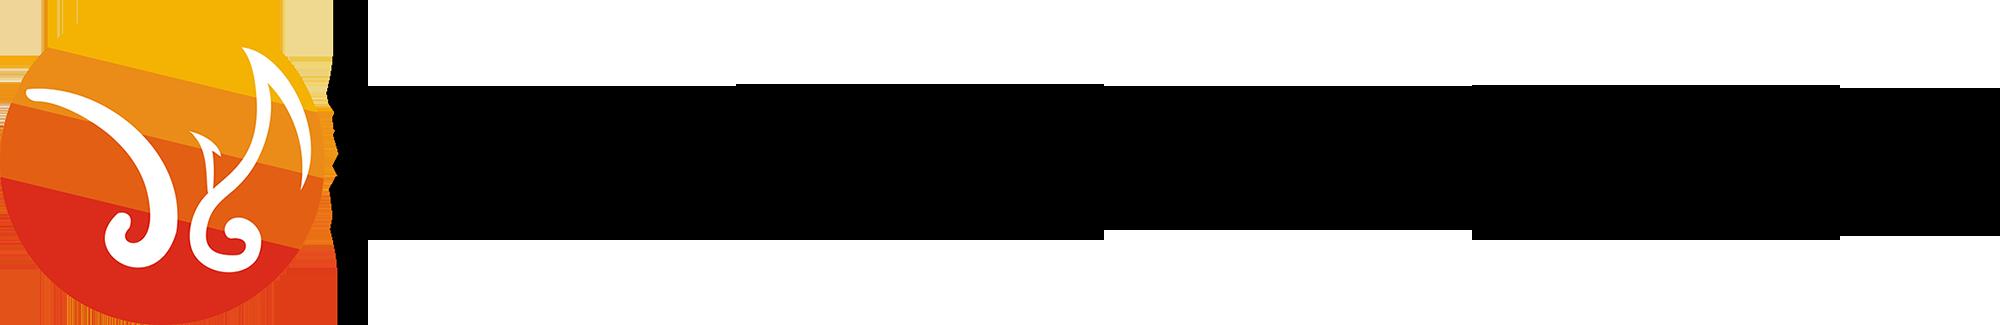 金龙聚氨酯保温防腐设备有限公司